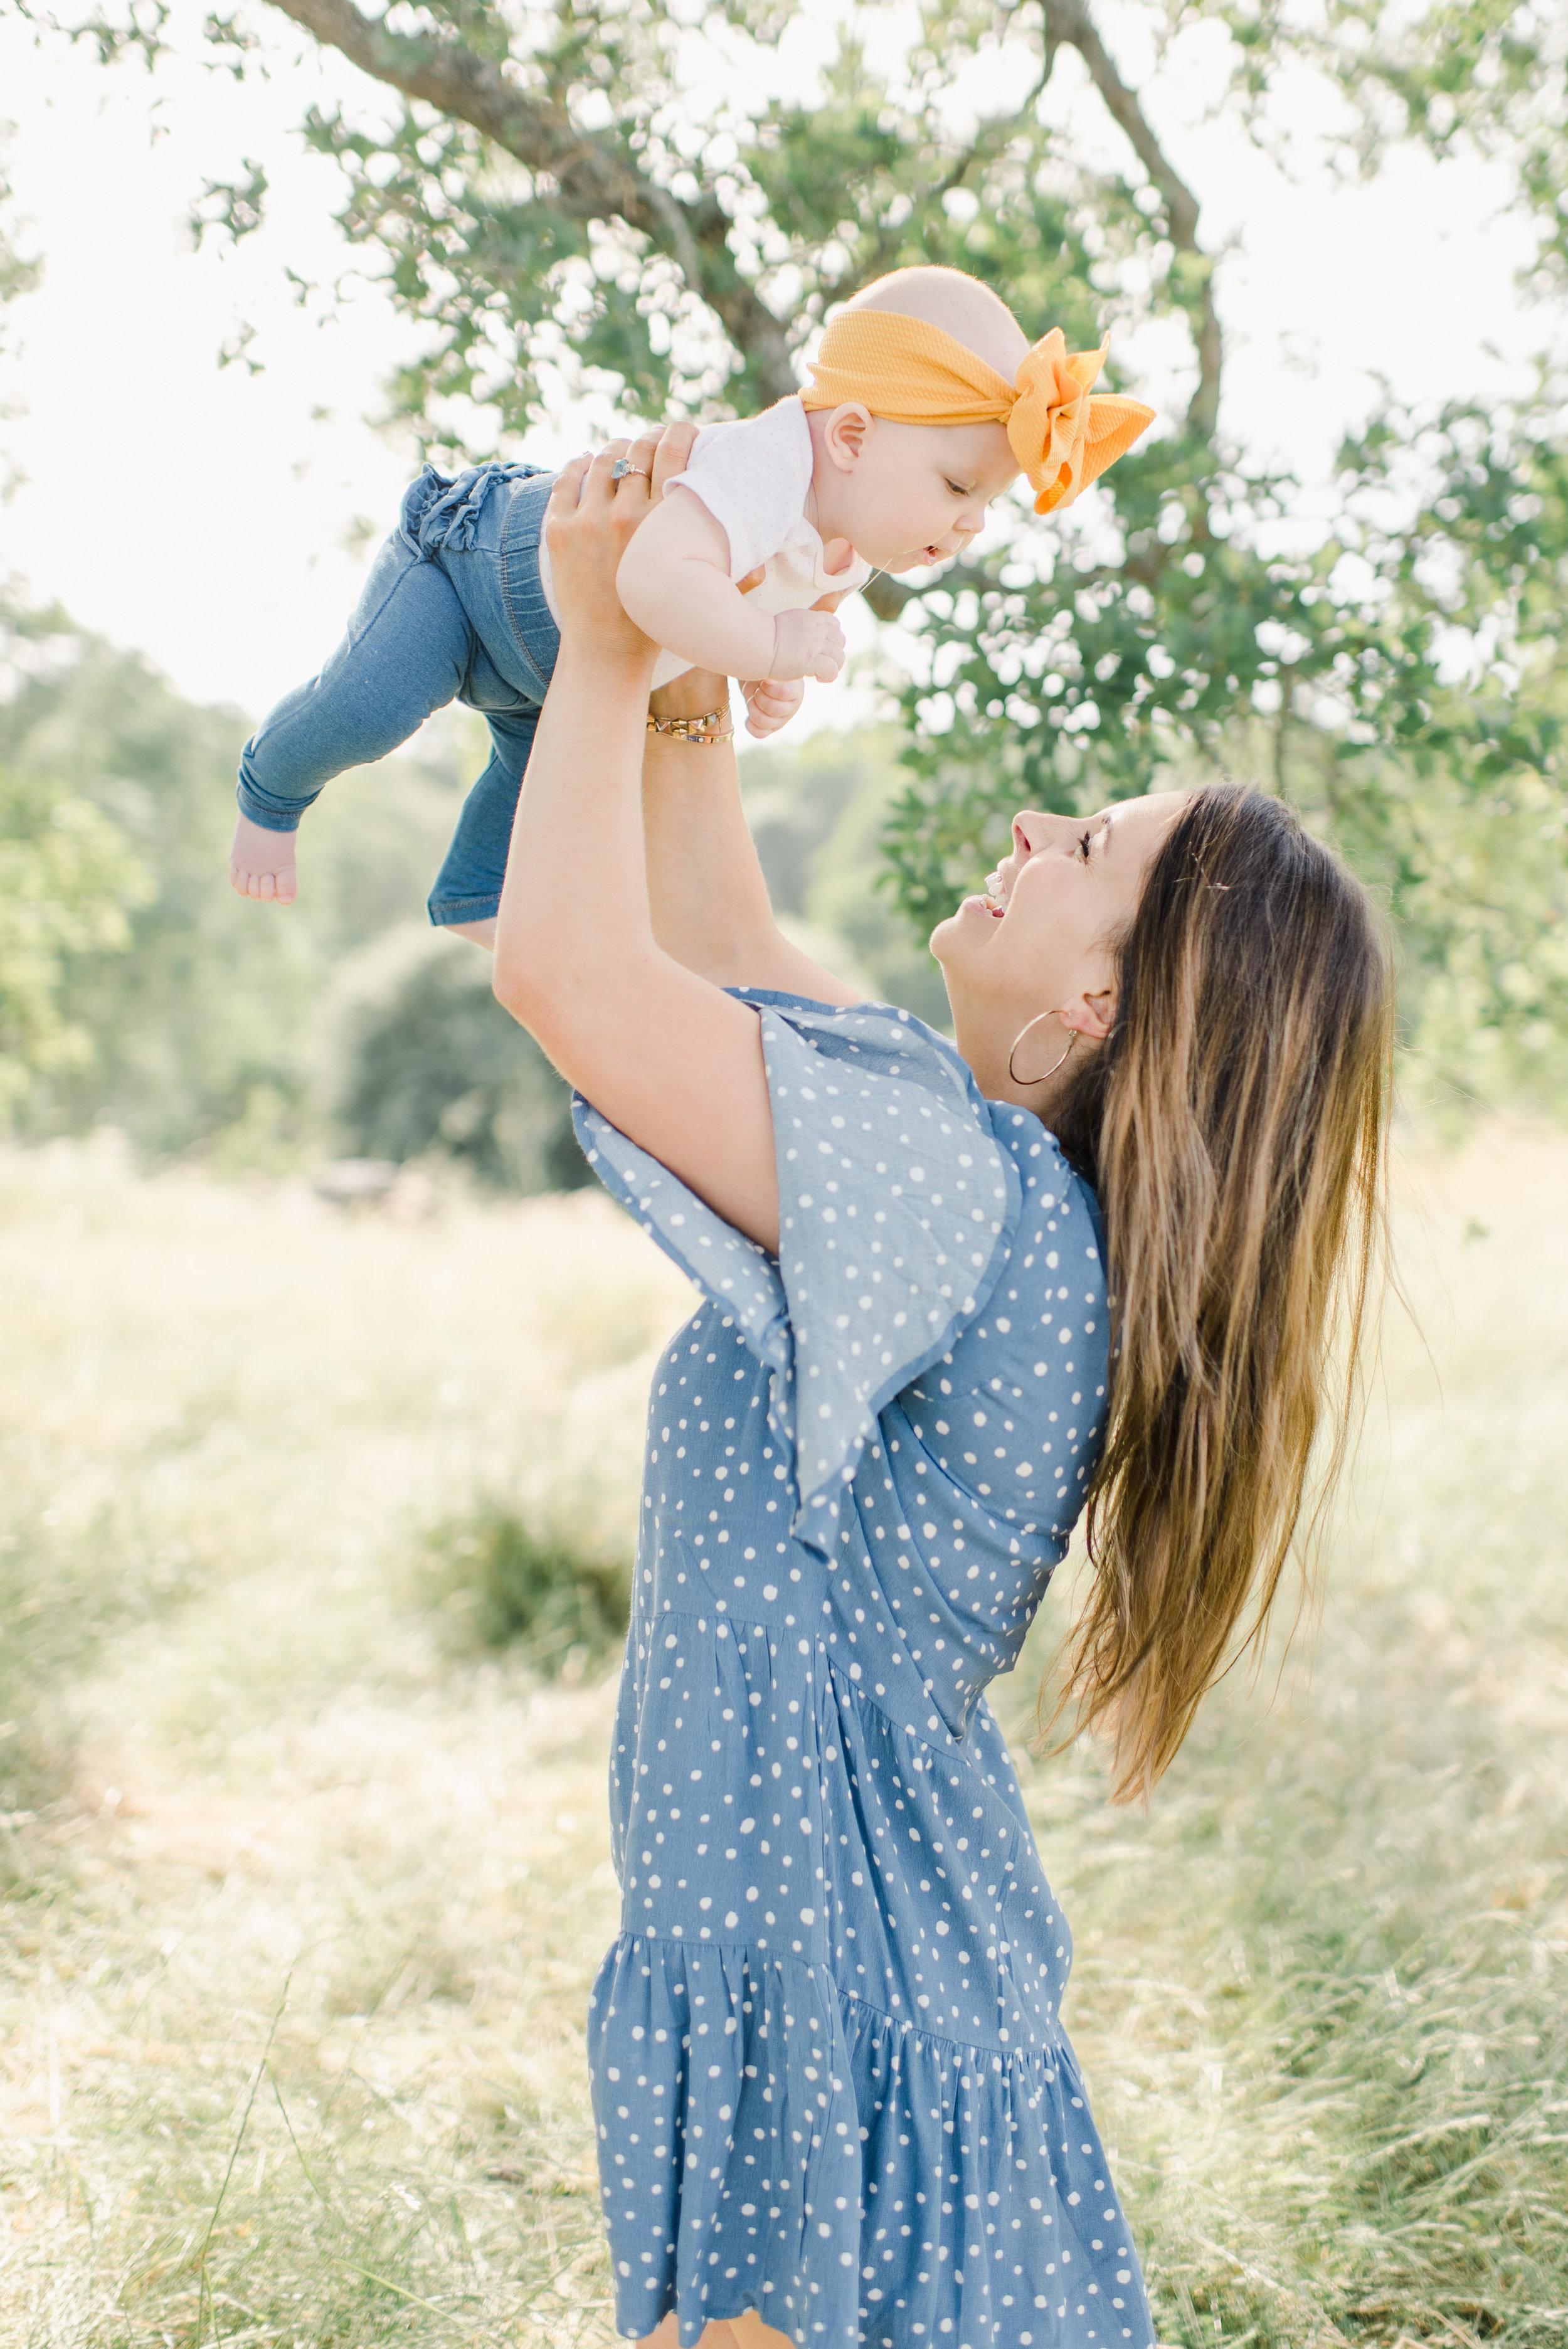 Allie-Leja.Motherhood-Mini.DeniseApgarPhotography-5.jpg